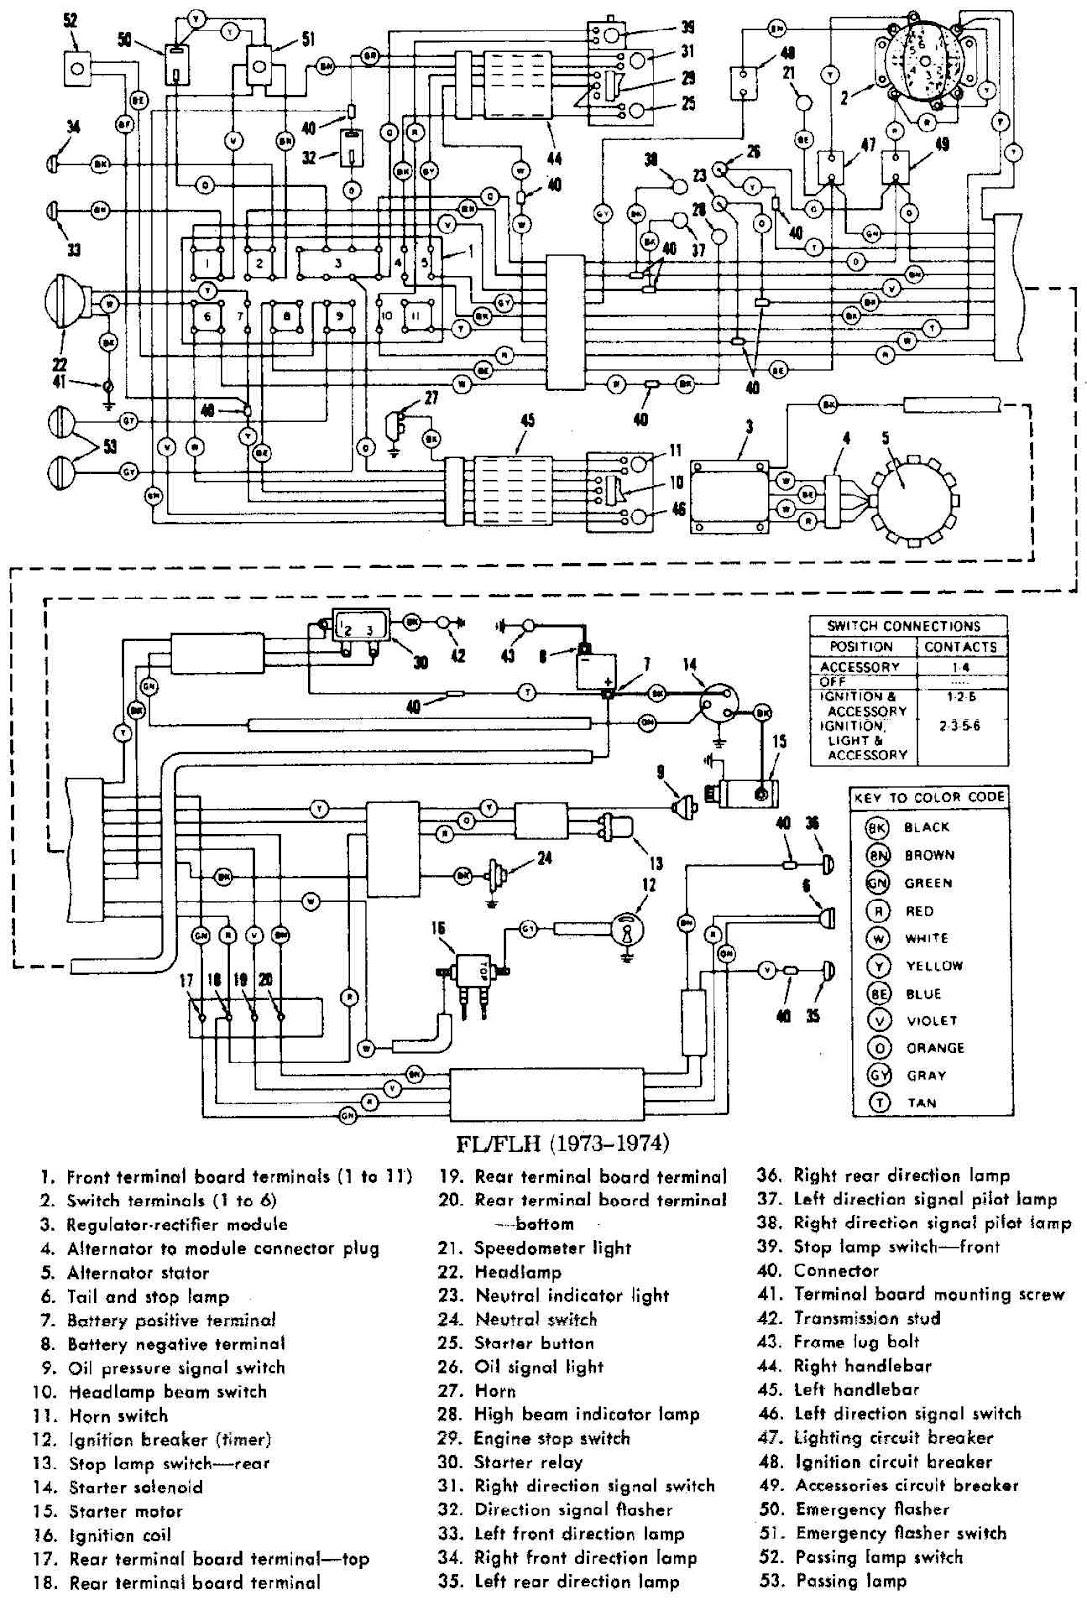 1971 harley davidson flh wiring diagram wiring diagram third level harley wiring diagram for dummies harley davidson flh wiring diagram [ 1087 x 1600 Pixel ]